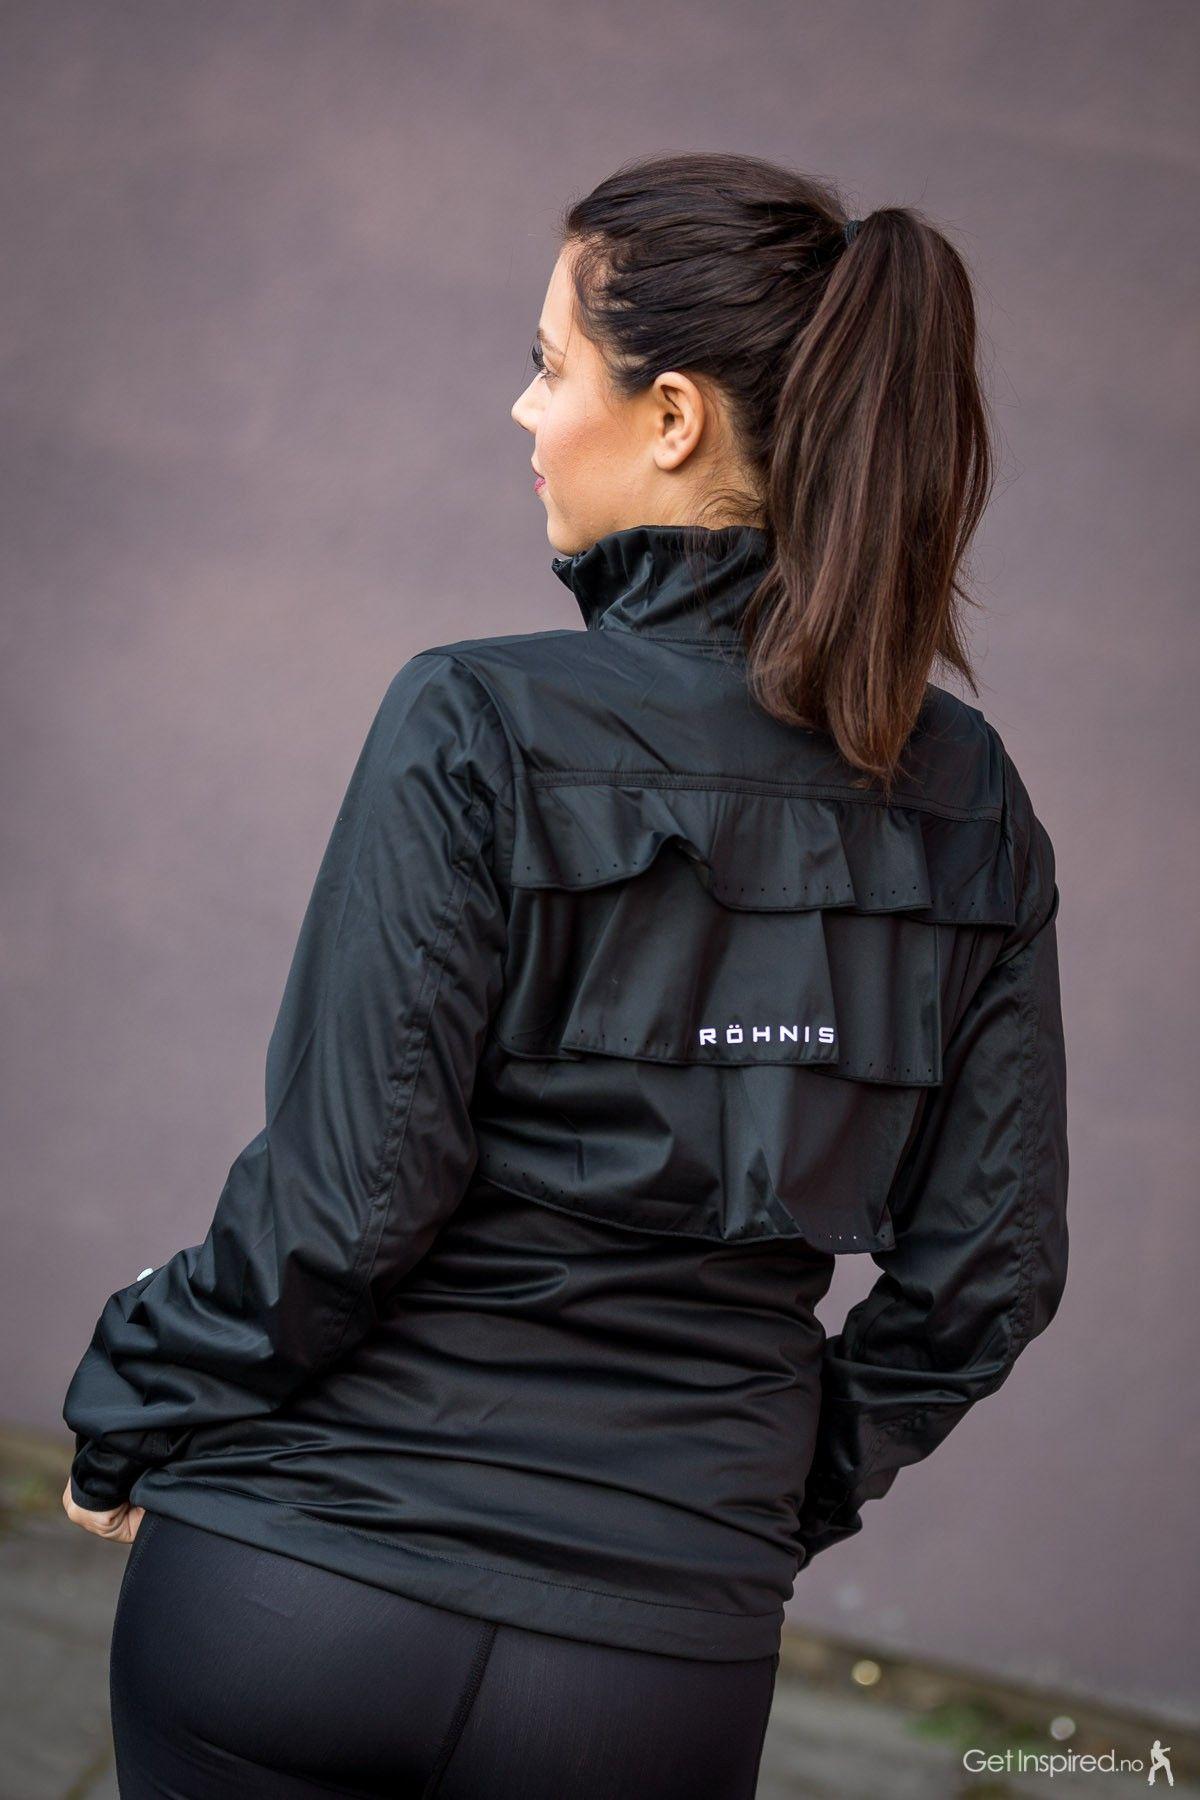 röhnisch fiona jacket